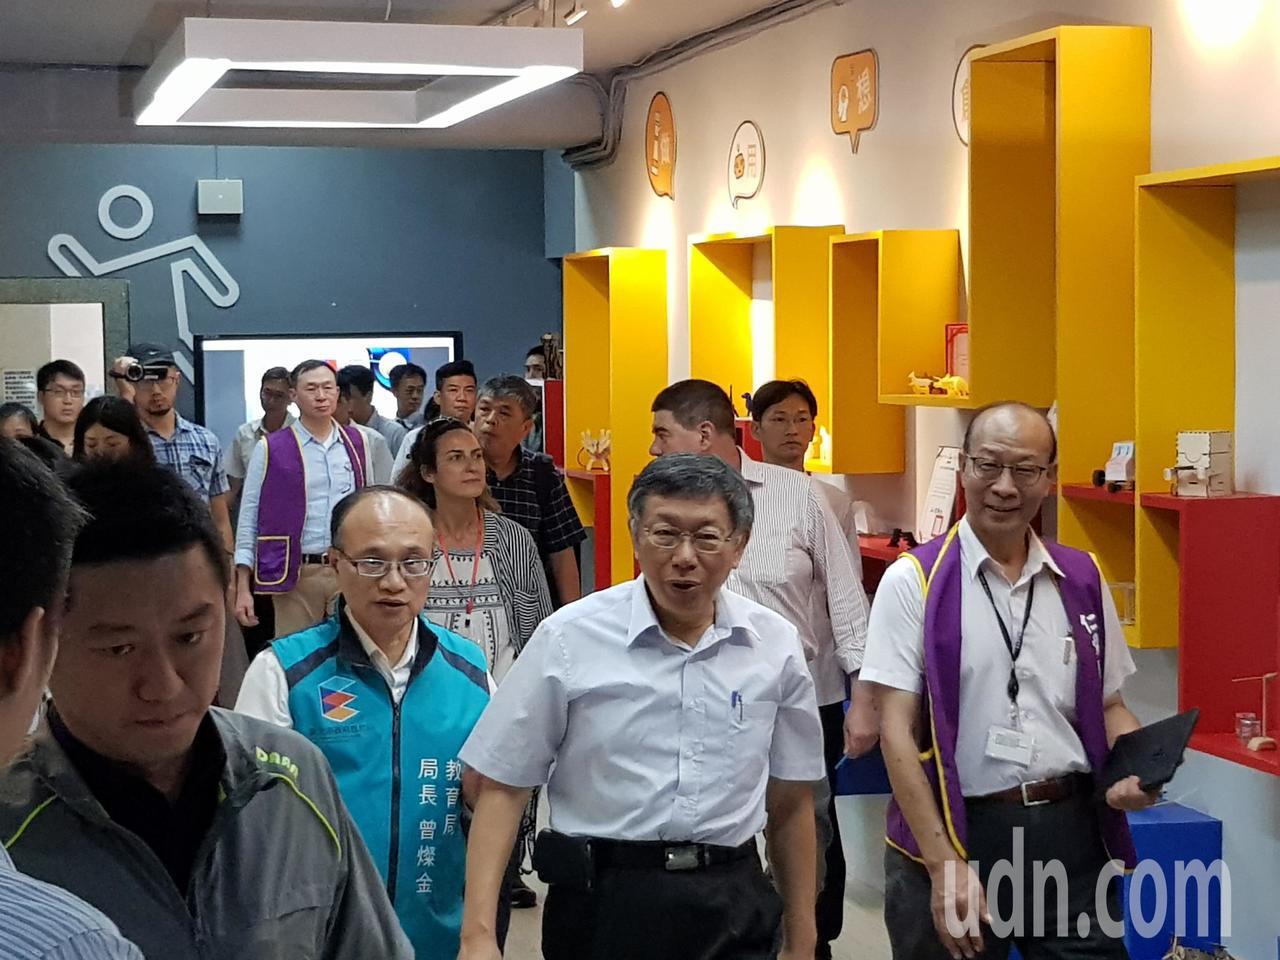 台北市長柯文哲今早出席教育局活動受訪。記者翁浩然/攝影